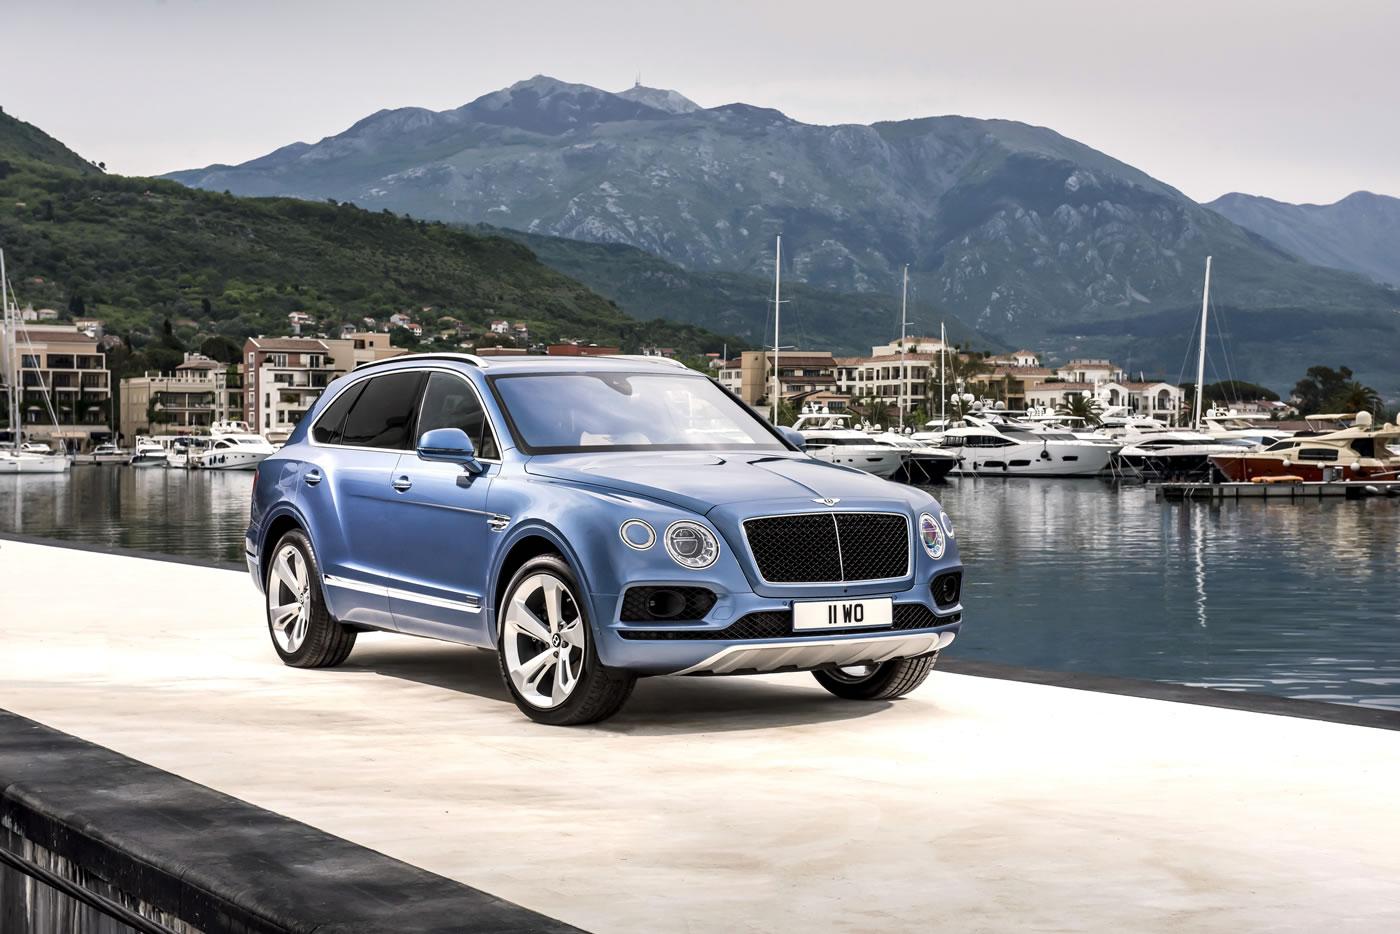 Bentley Bentayga Diesel the worlds fastest Diesel SUV -